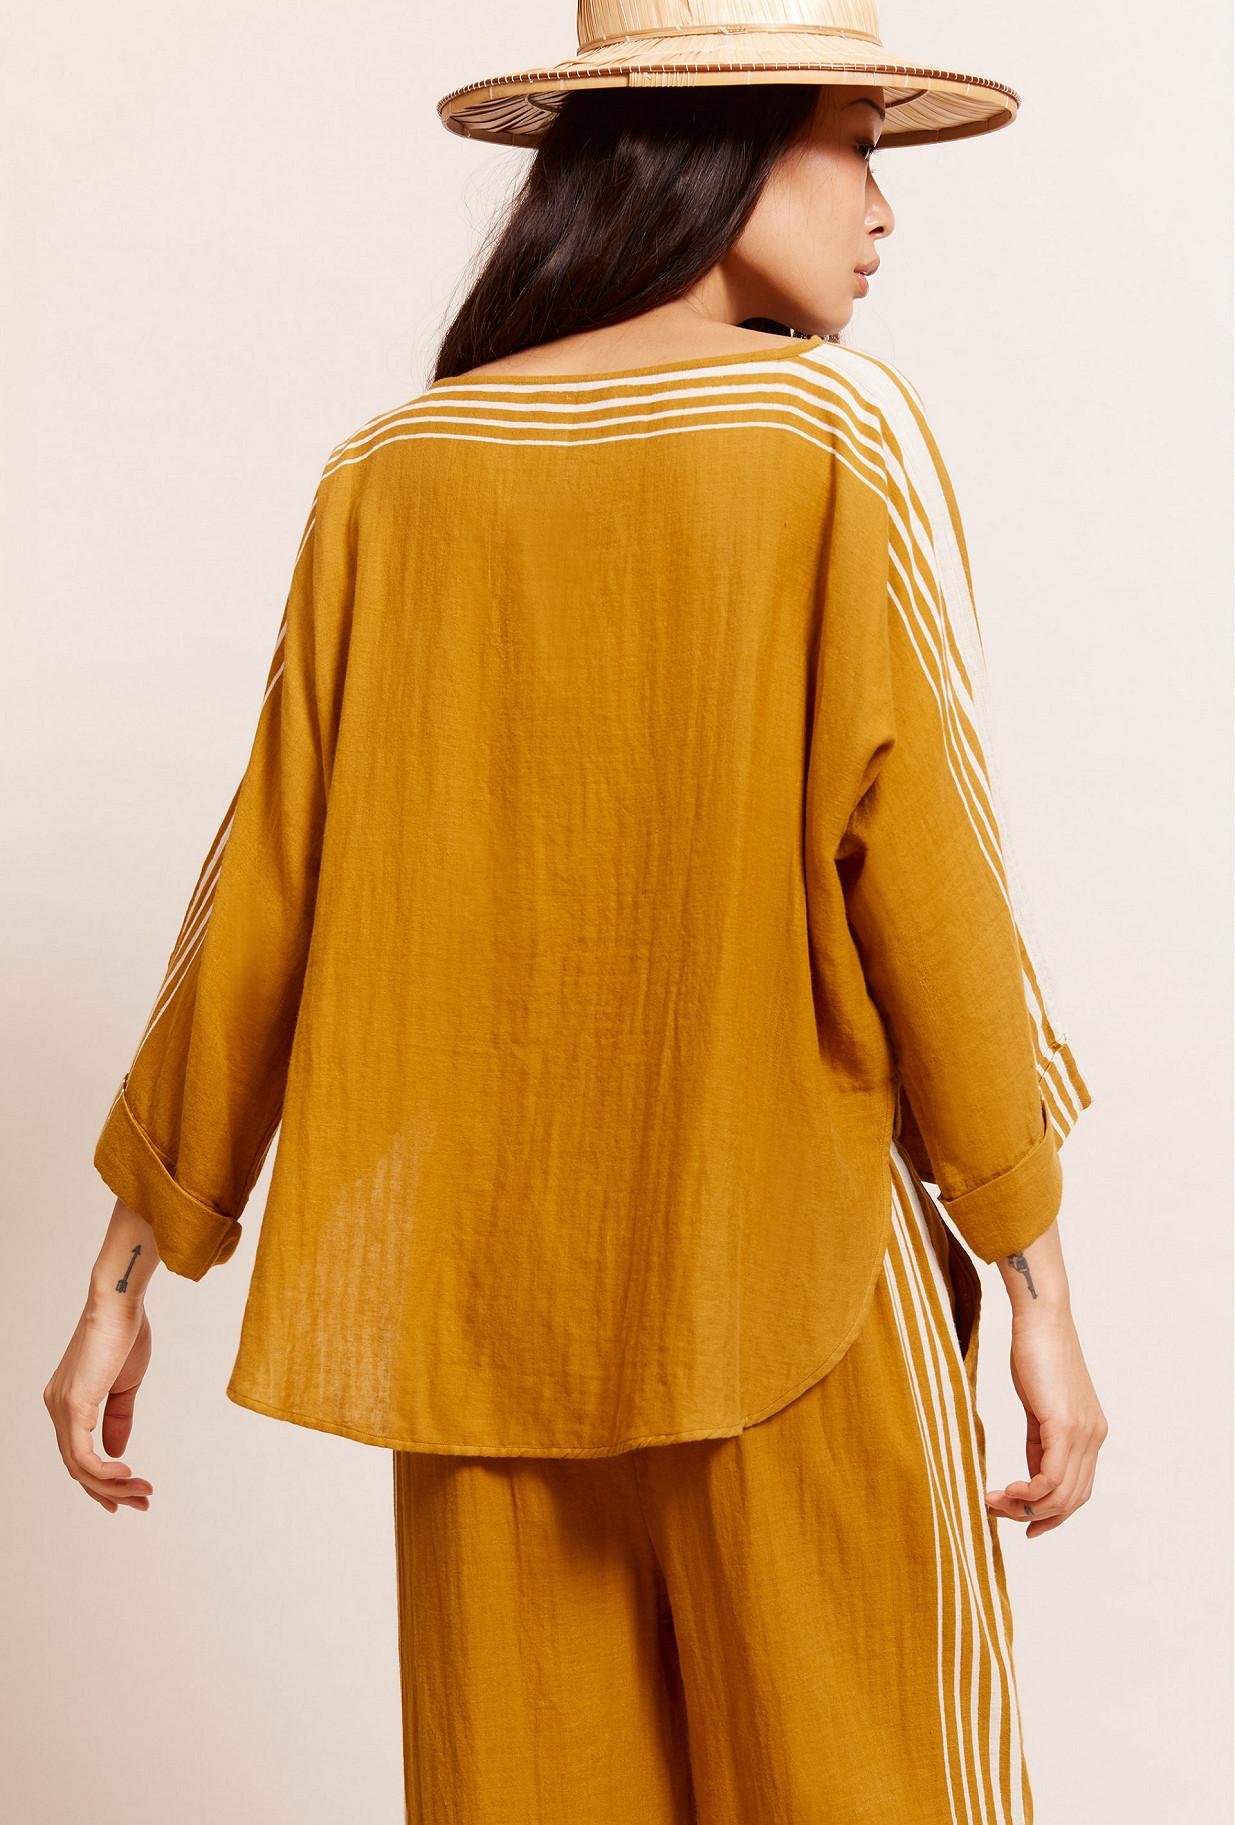 Ocre  Blouse  Avantstella Mes demoiselles fashion clothes designer Paris